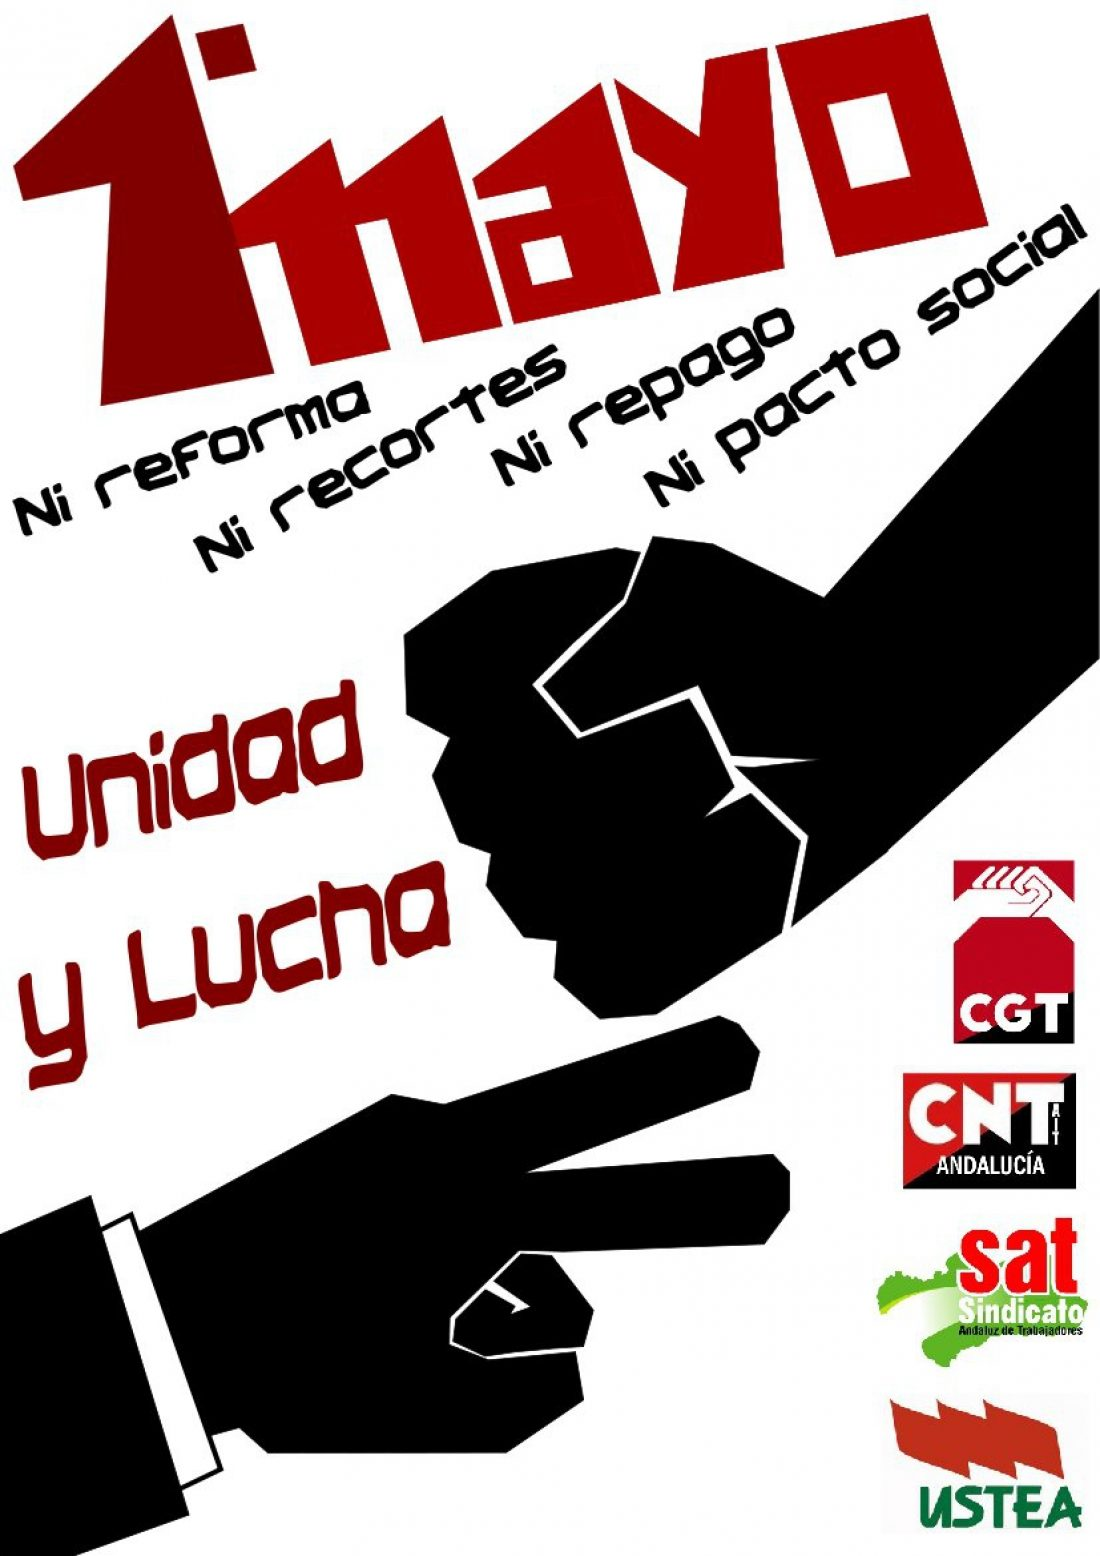 CGT, CNT, SAT y USTEA promueven un 1º de Mayo de unidad y lucha en Andalucía